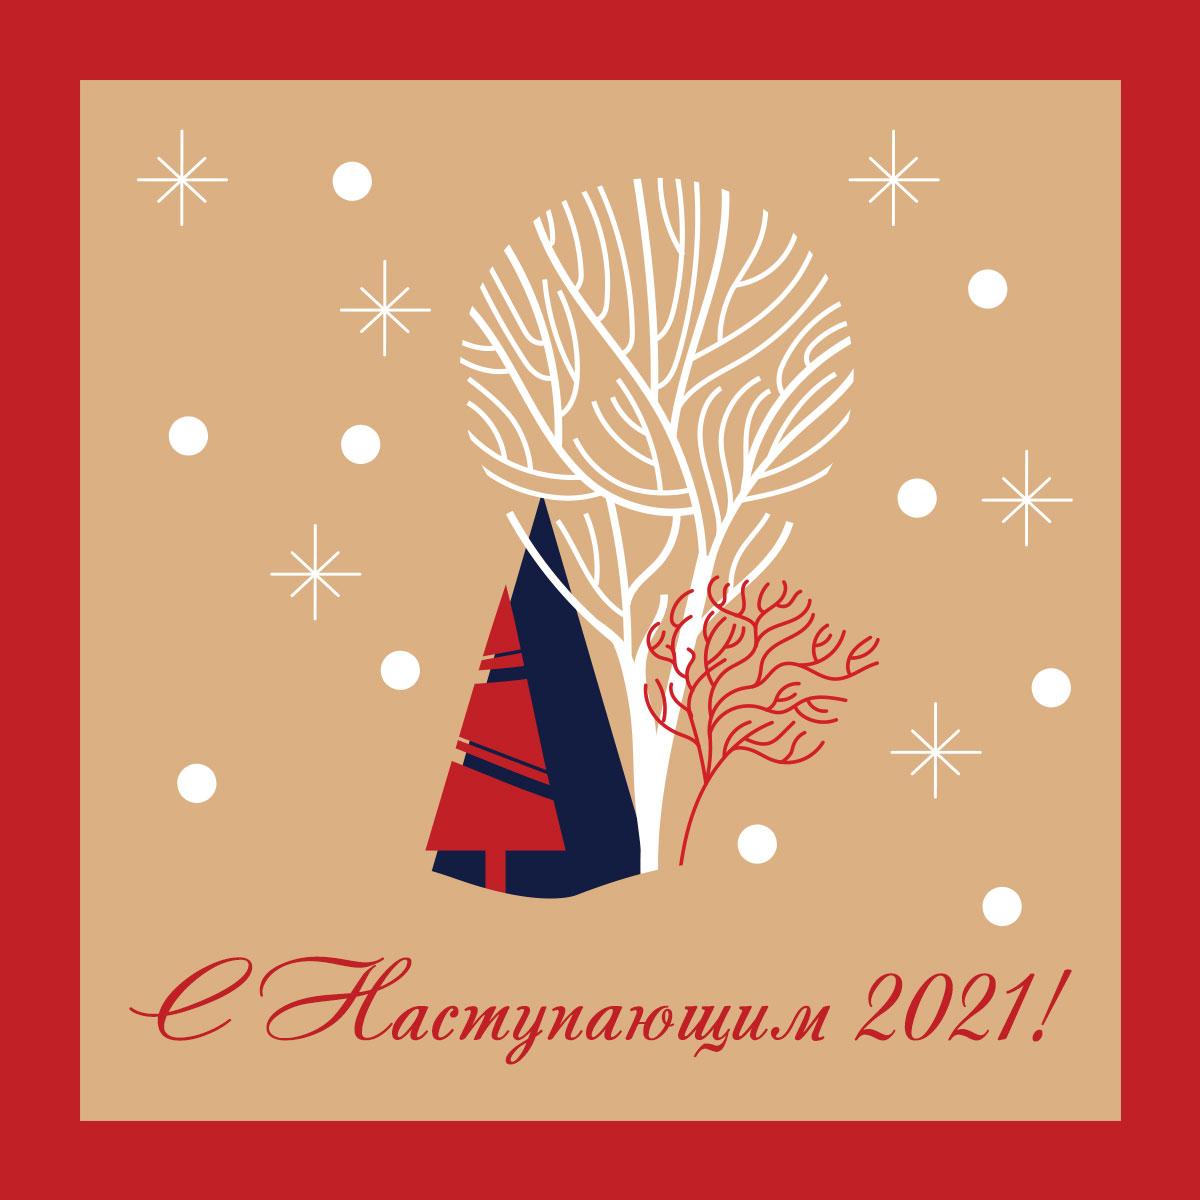 Картинка с ёлками и деревьями со снежинками в красной рамке.